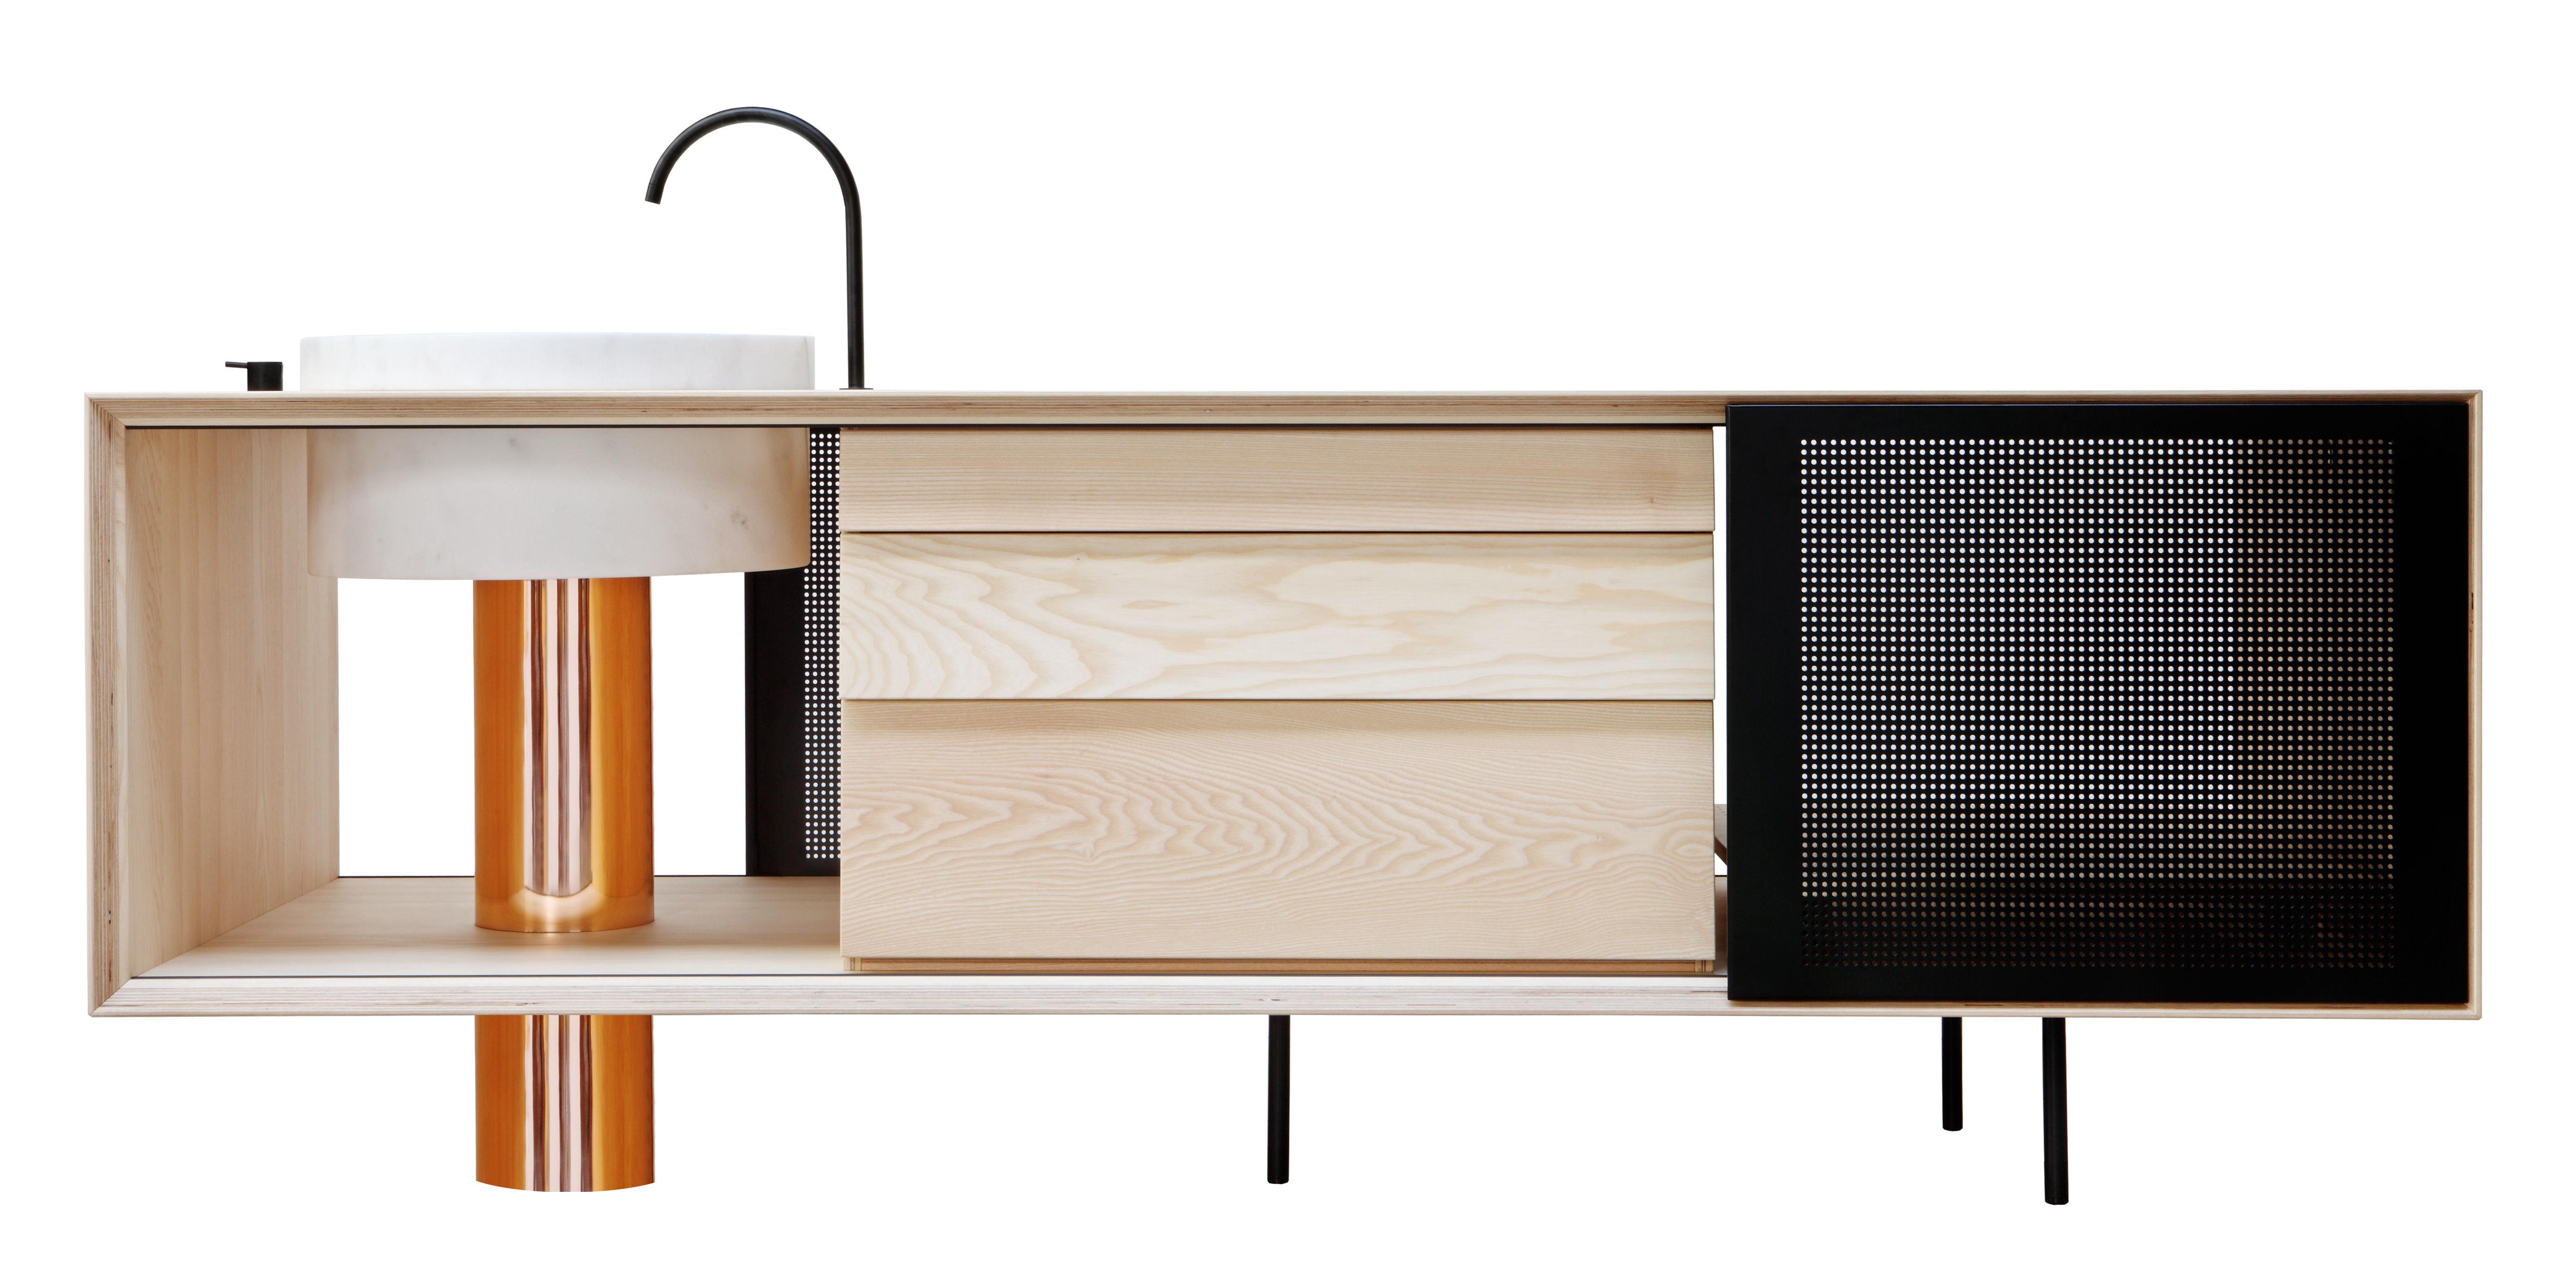 ilot de cuisine float avec vier marbre l 244 cm bois noir cuivre marbre blanc miras. Black Bedroom Furniture Sets. Home Design Ideas